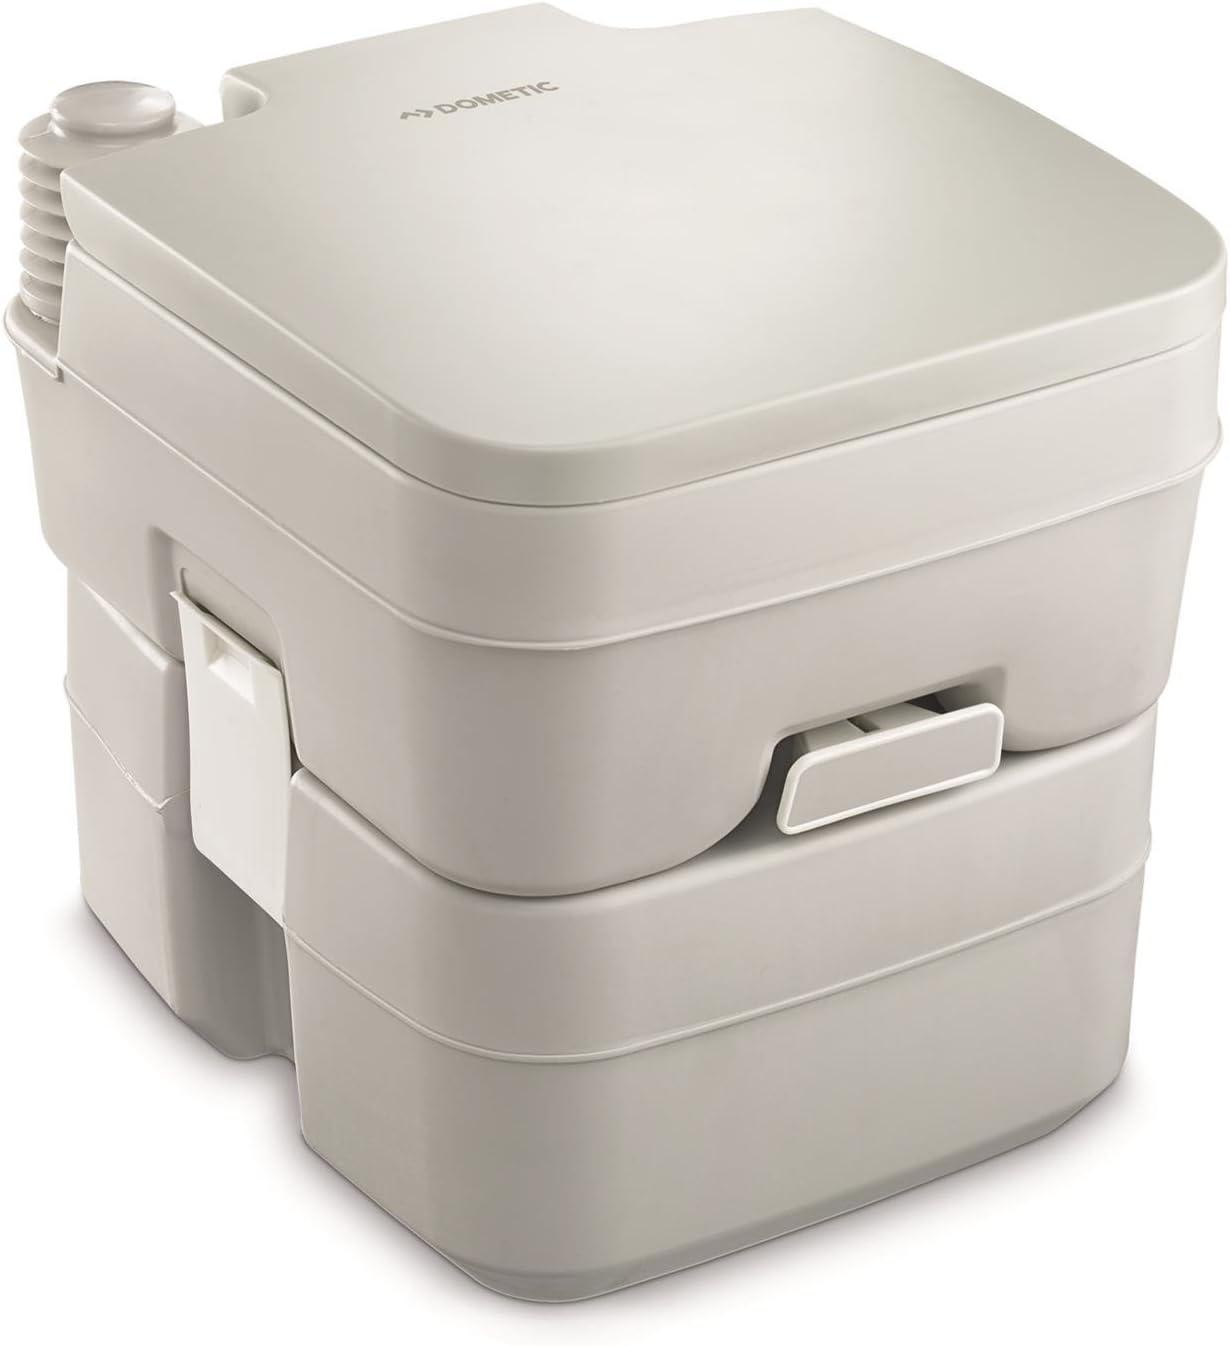 DOMETIC 9108557677 Toilettes Portables, Gris